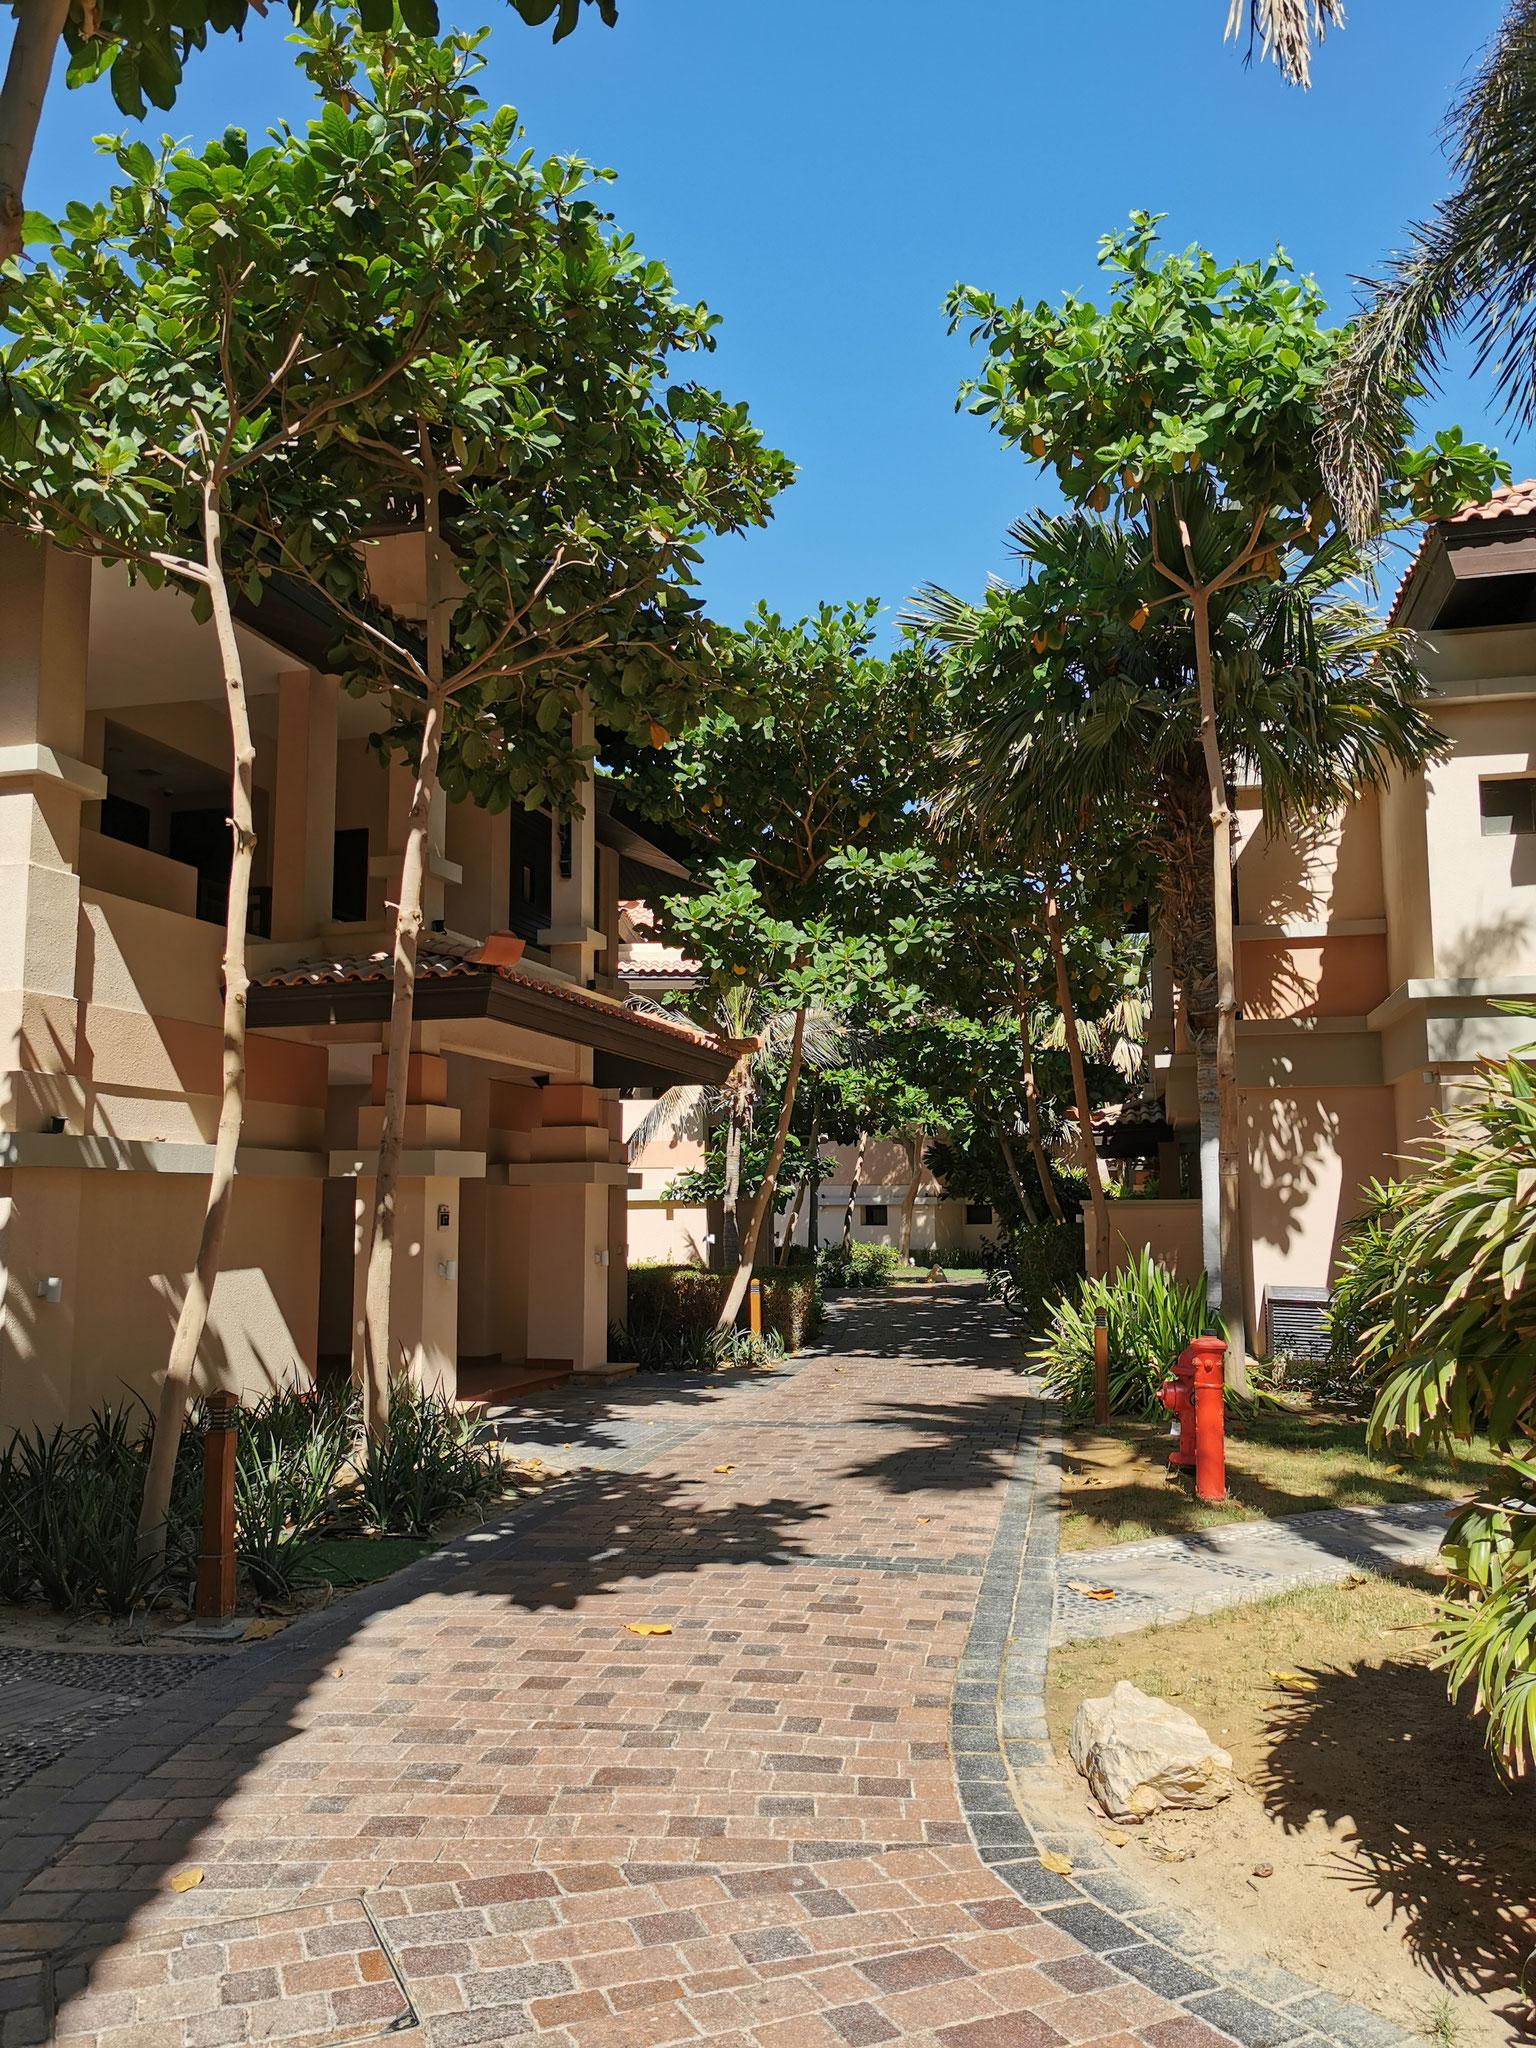 Ein Blick in die wunderschöne grüne Anlage des Resorts